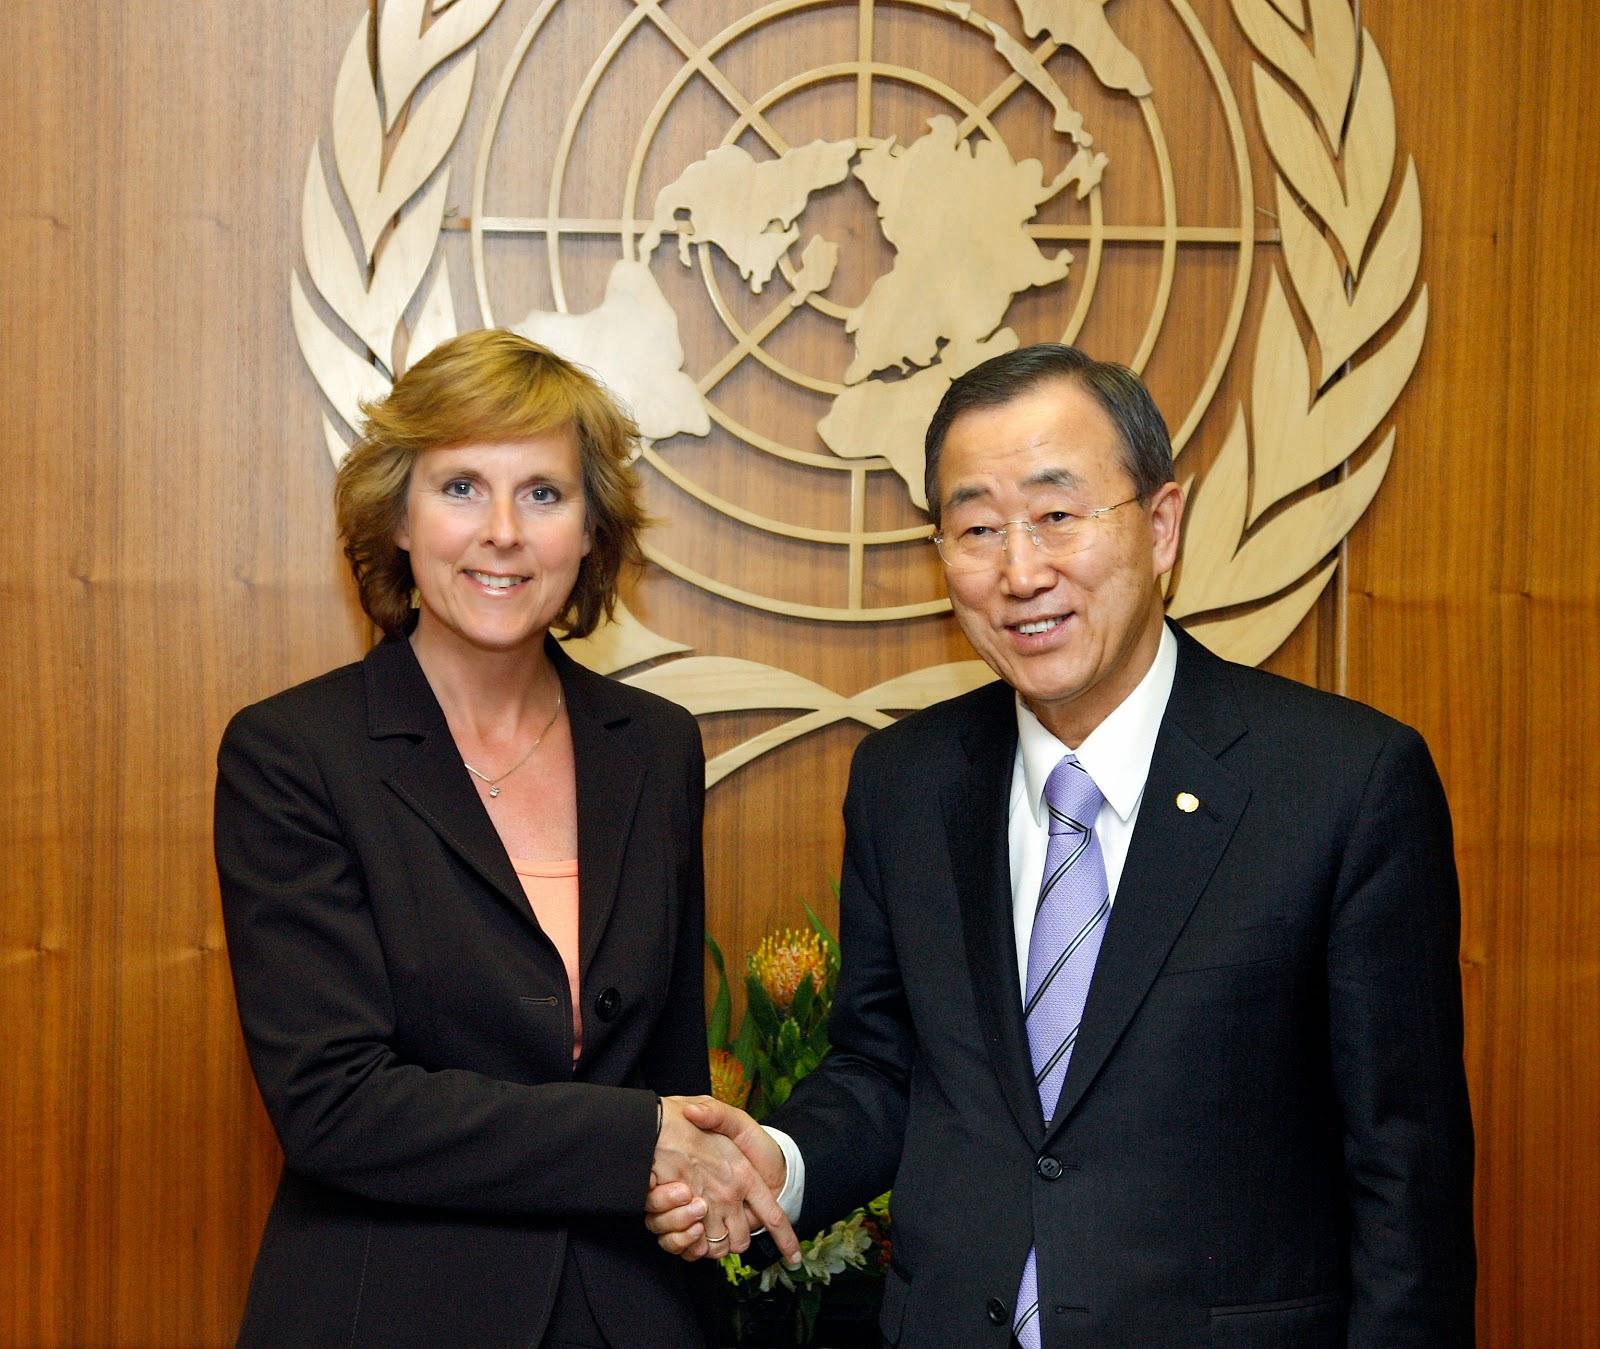 UN: Ban Ki Moon & Connie Hedegaard.